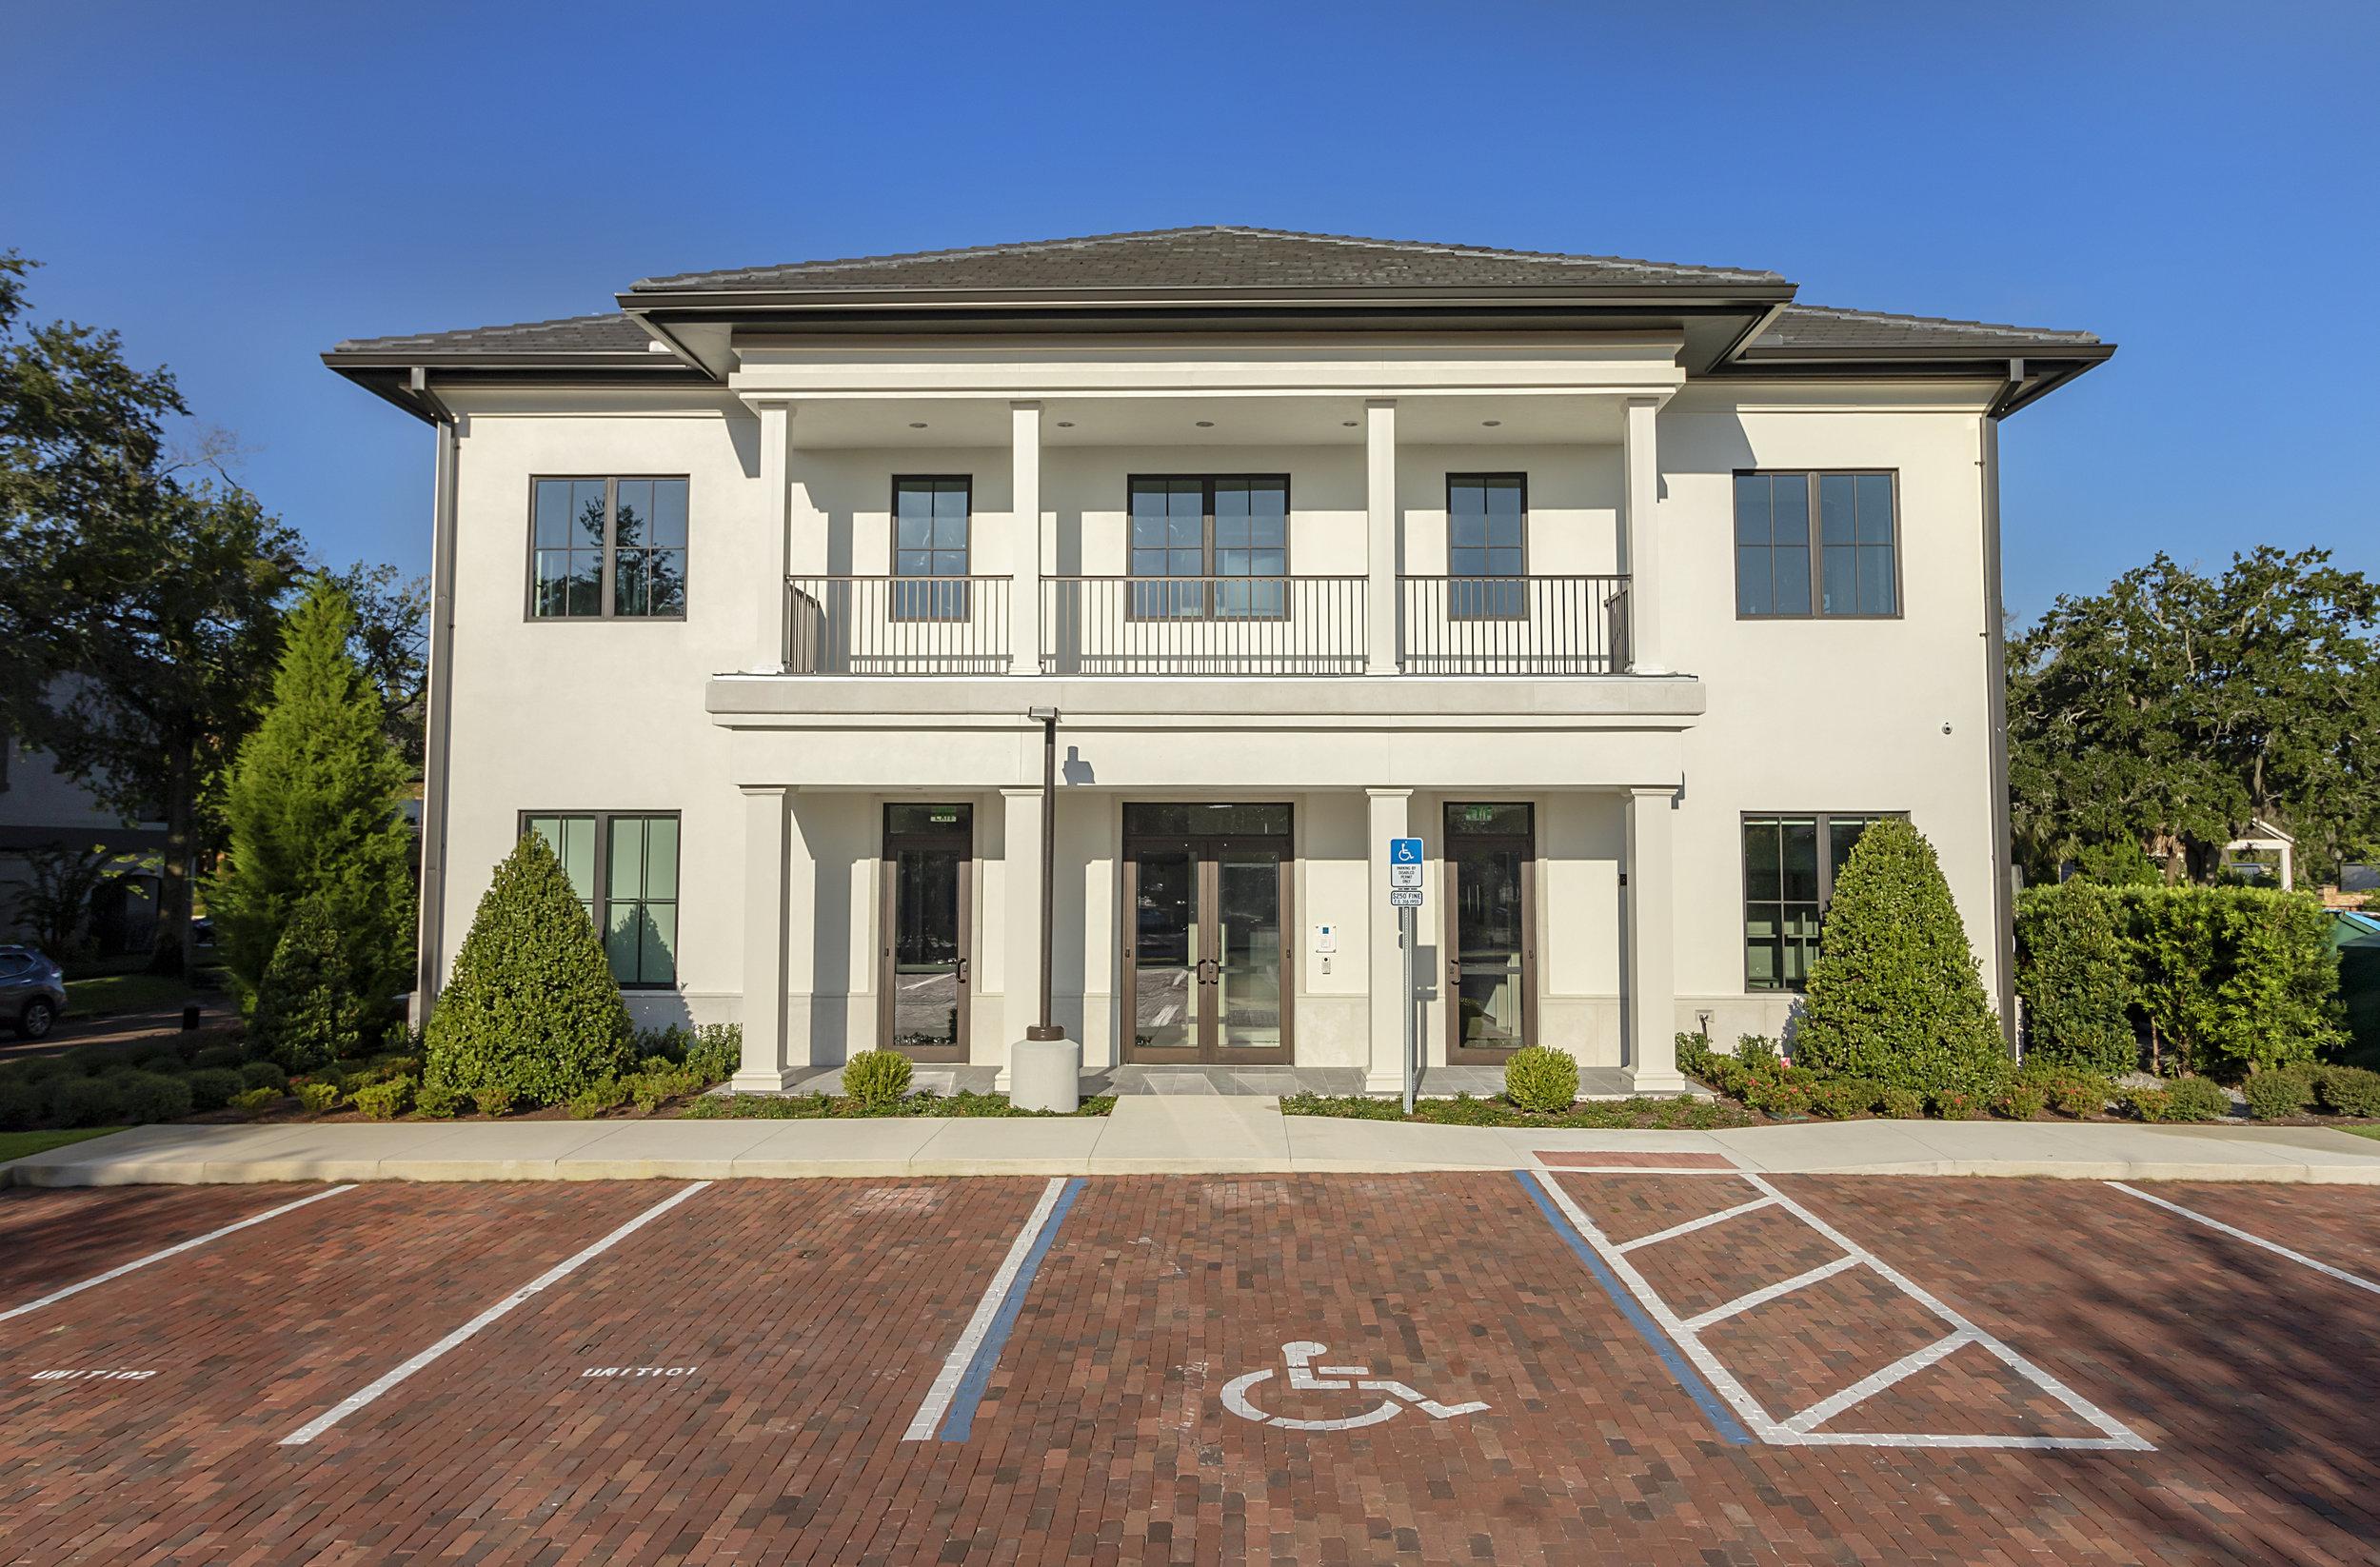 The Trismen Building - Address213 West Comstock AvenueWinter Park, Florida 32789Emailinfo@trismenbuilding.comPhone(407) 986-8550